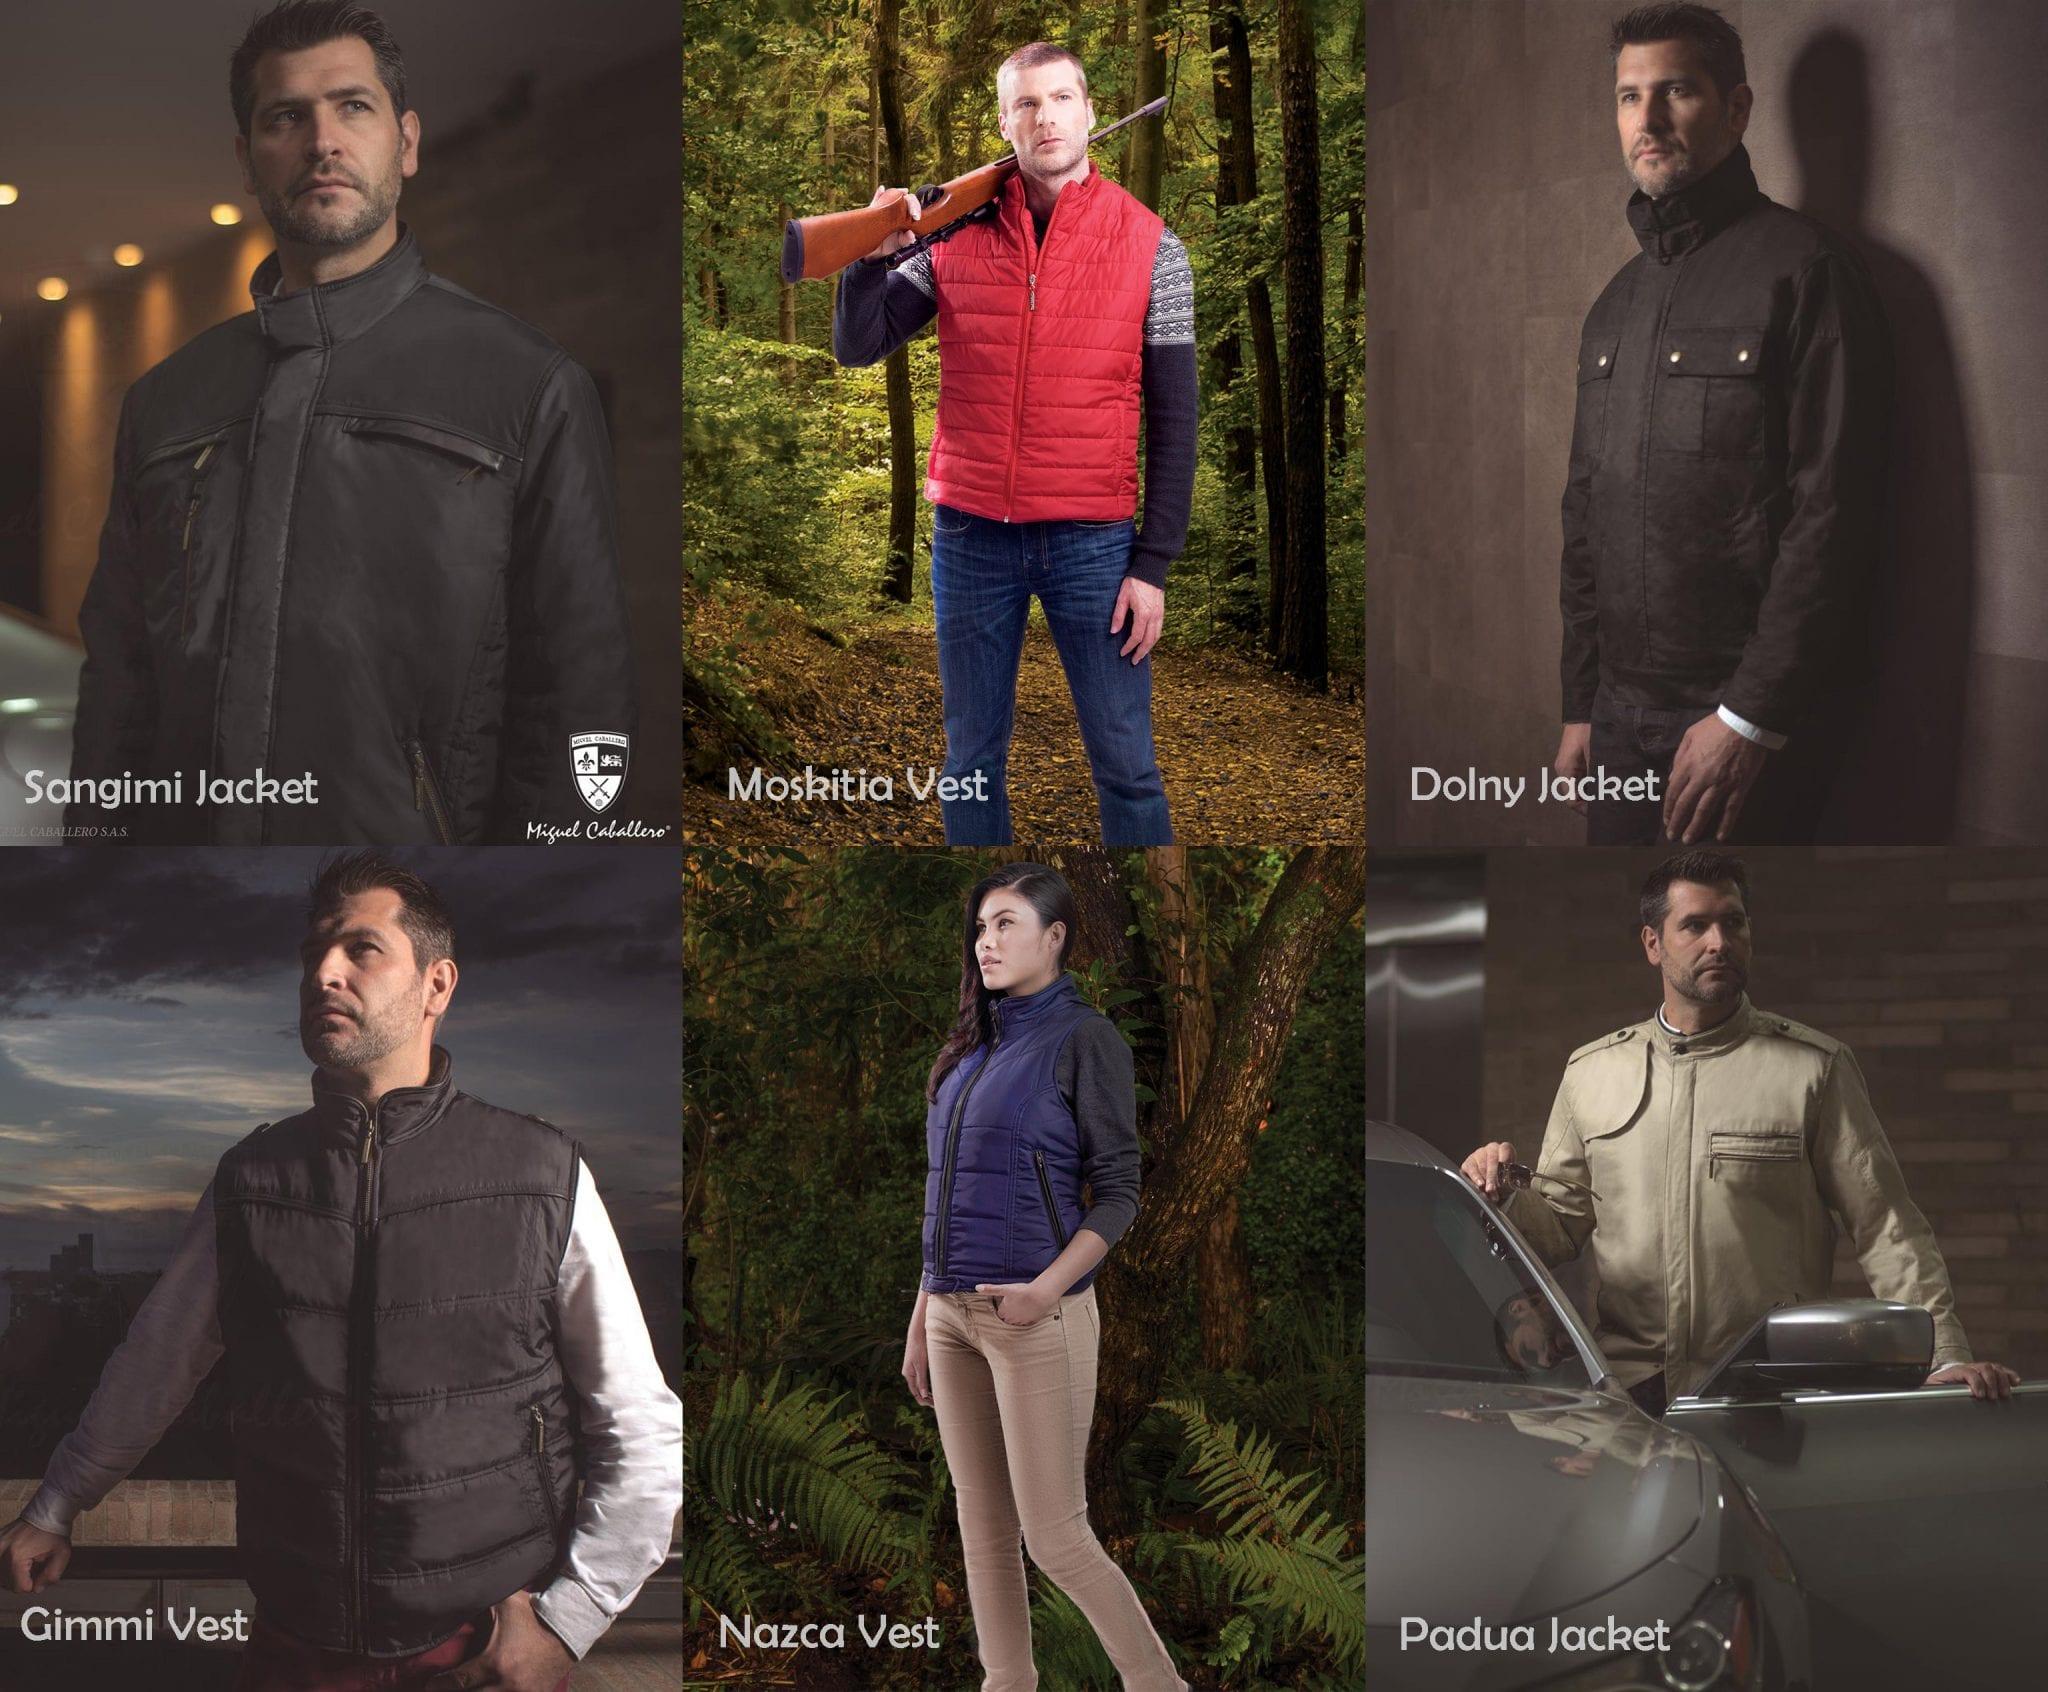 designer Bulletproof Jackets - By Designer Miguel Caballero